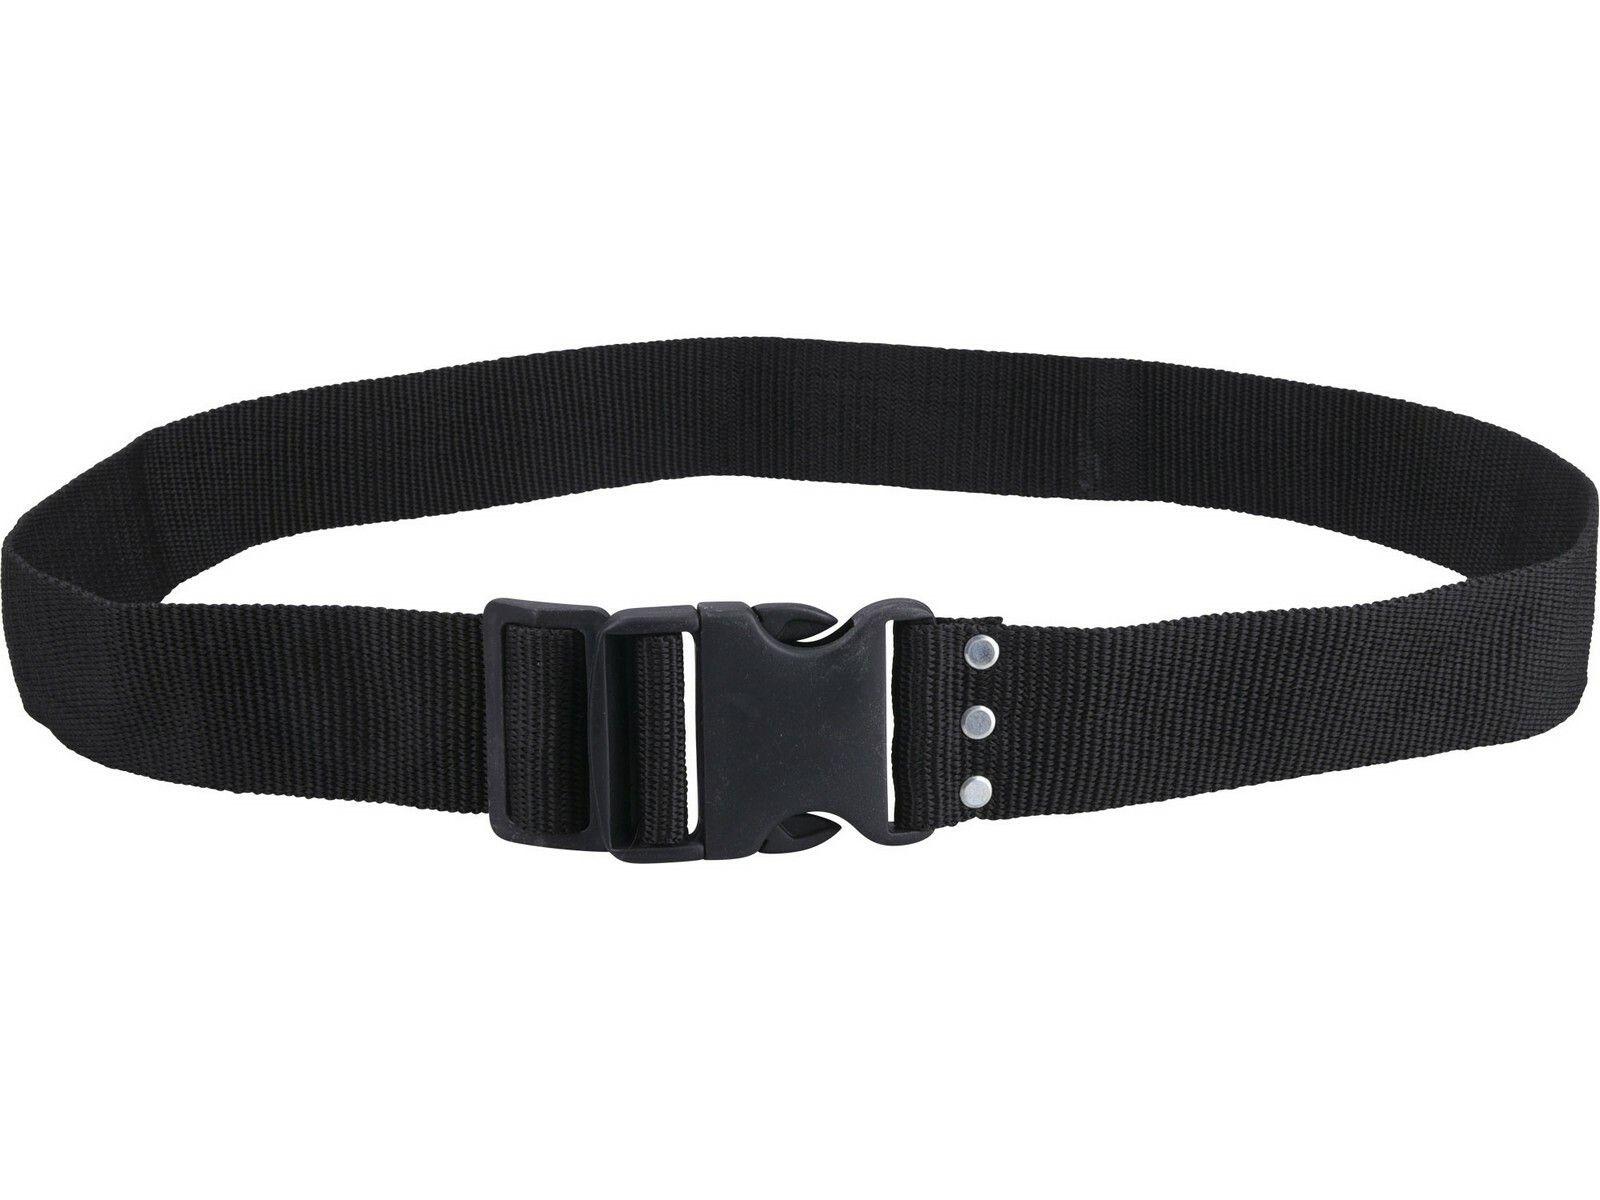 Opasek nylonový černý, š.5cm x d.122cm, plast. přezka, nylon EXTOL-PREMIUM